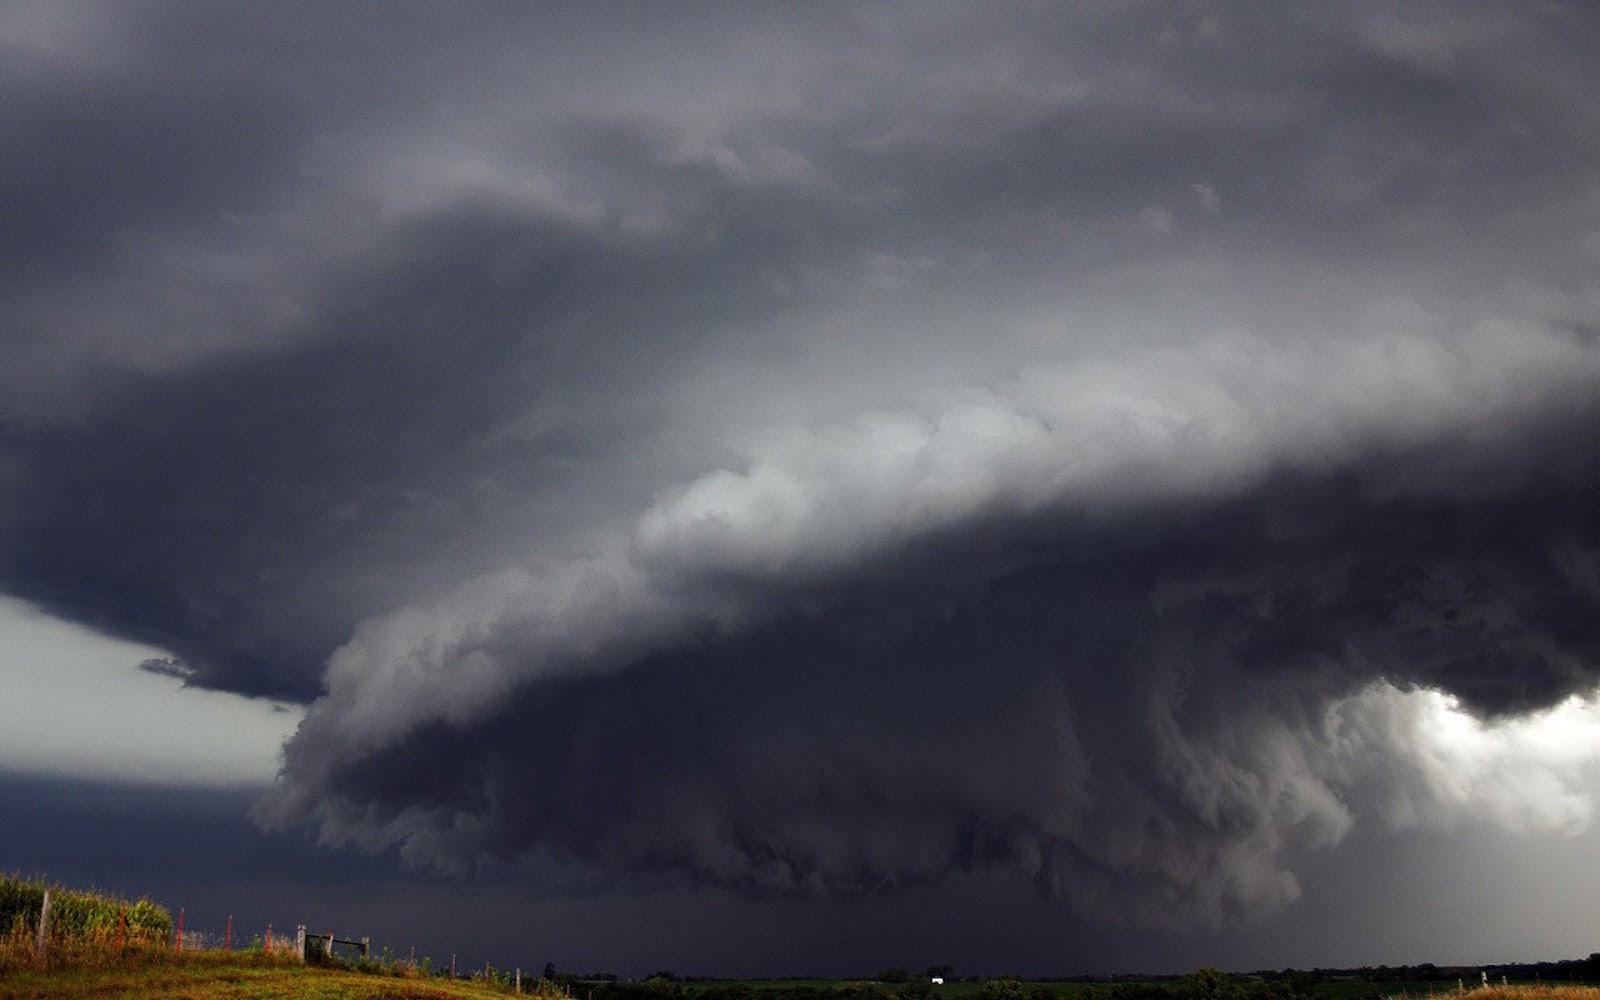 Wallpaper Destiny Hd Tornados Im 225 Genes De Tornados Fotos